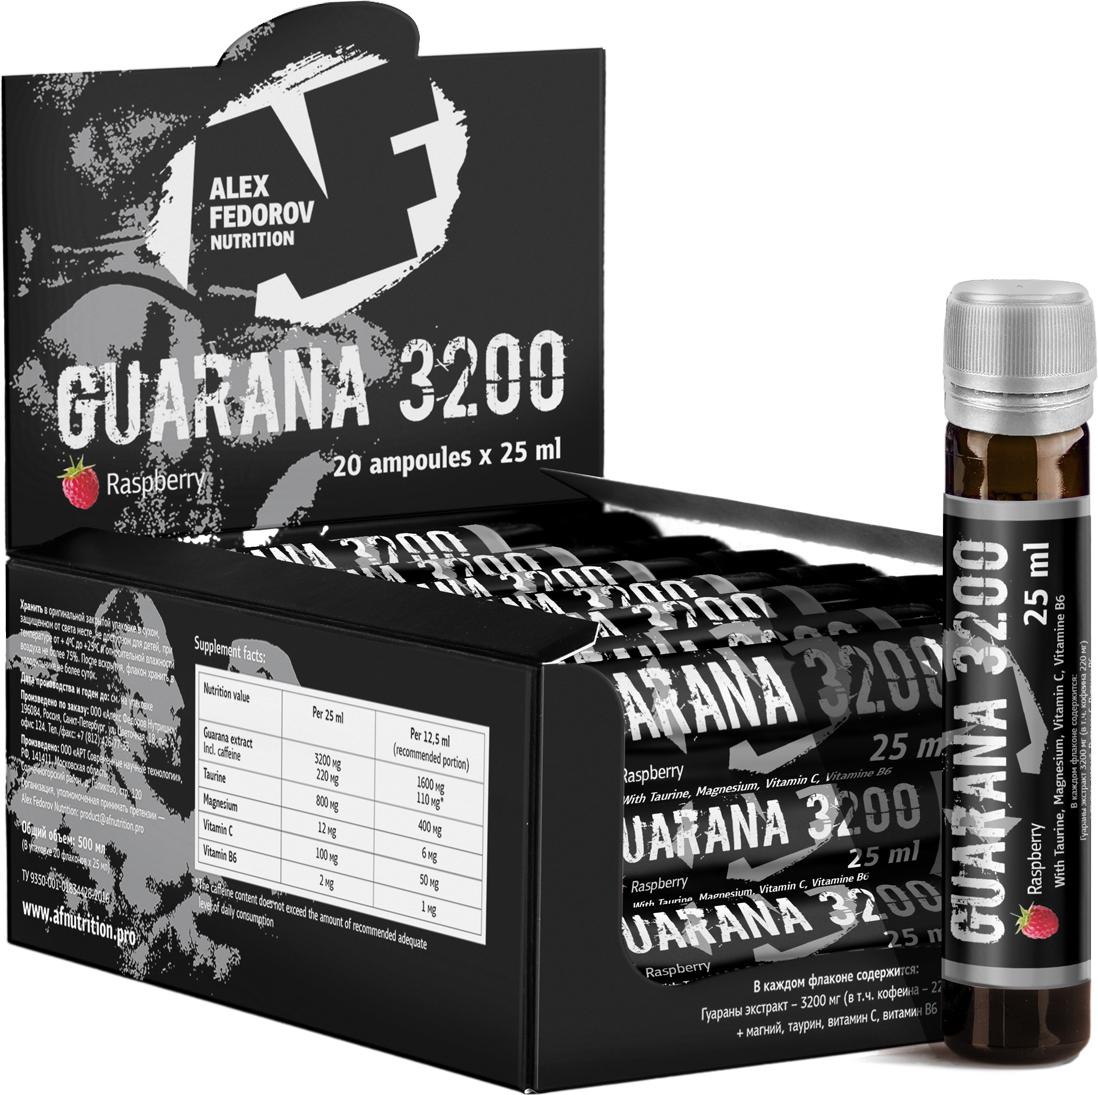 Энергетик растительного происхождения Alex Fedorov Nutrition Guarana 3200, малина, 500 мл витамины магний в6 инструкция цена